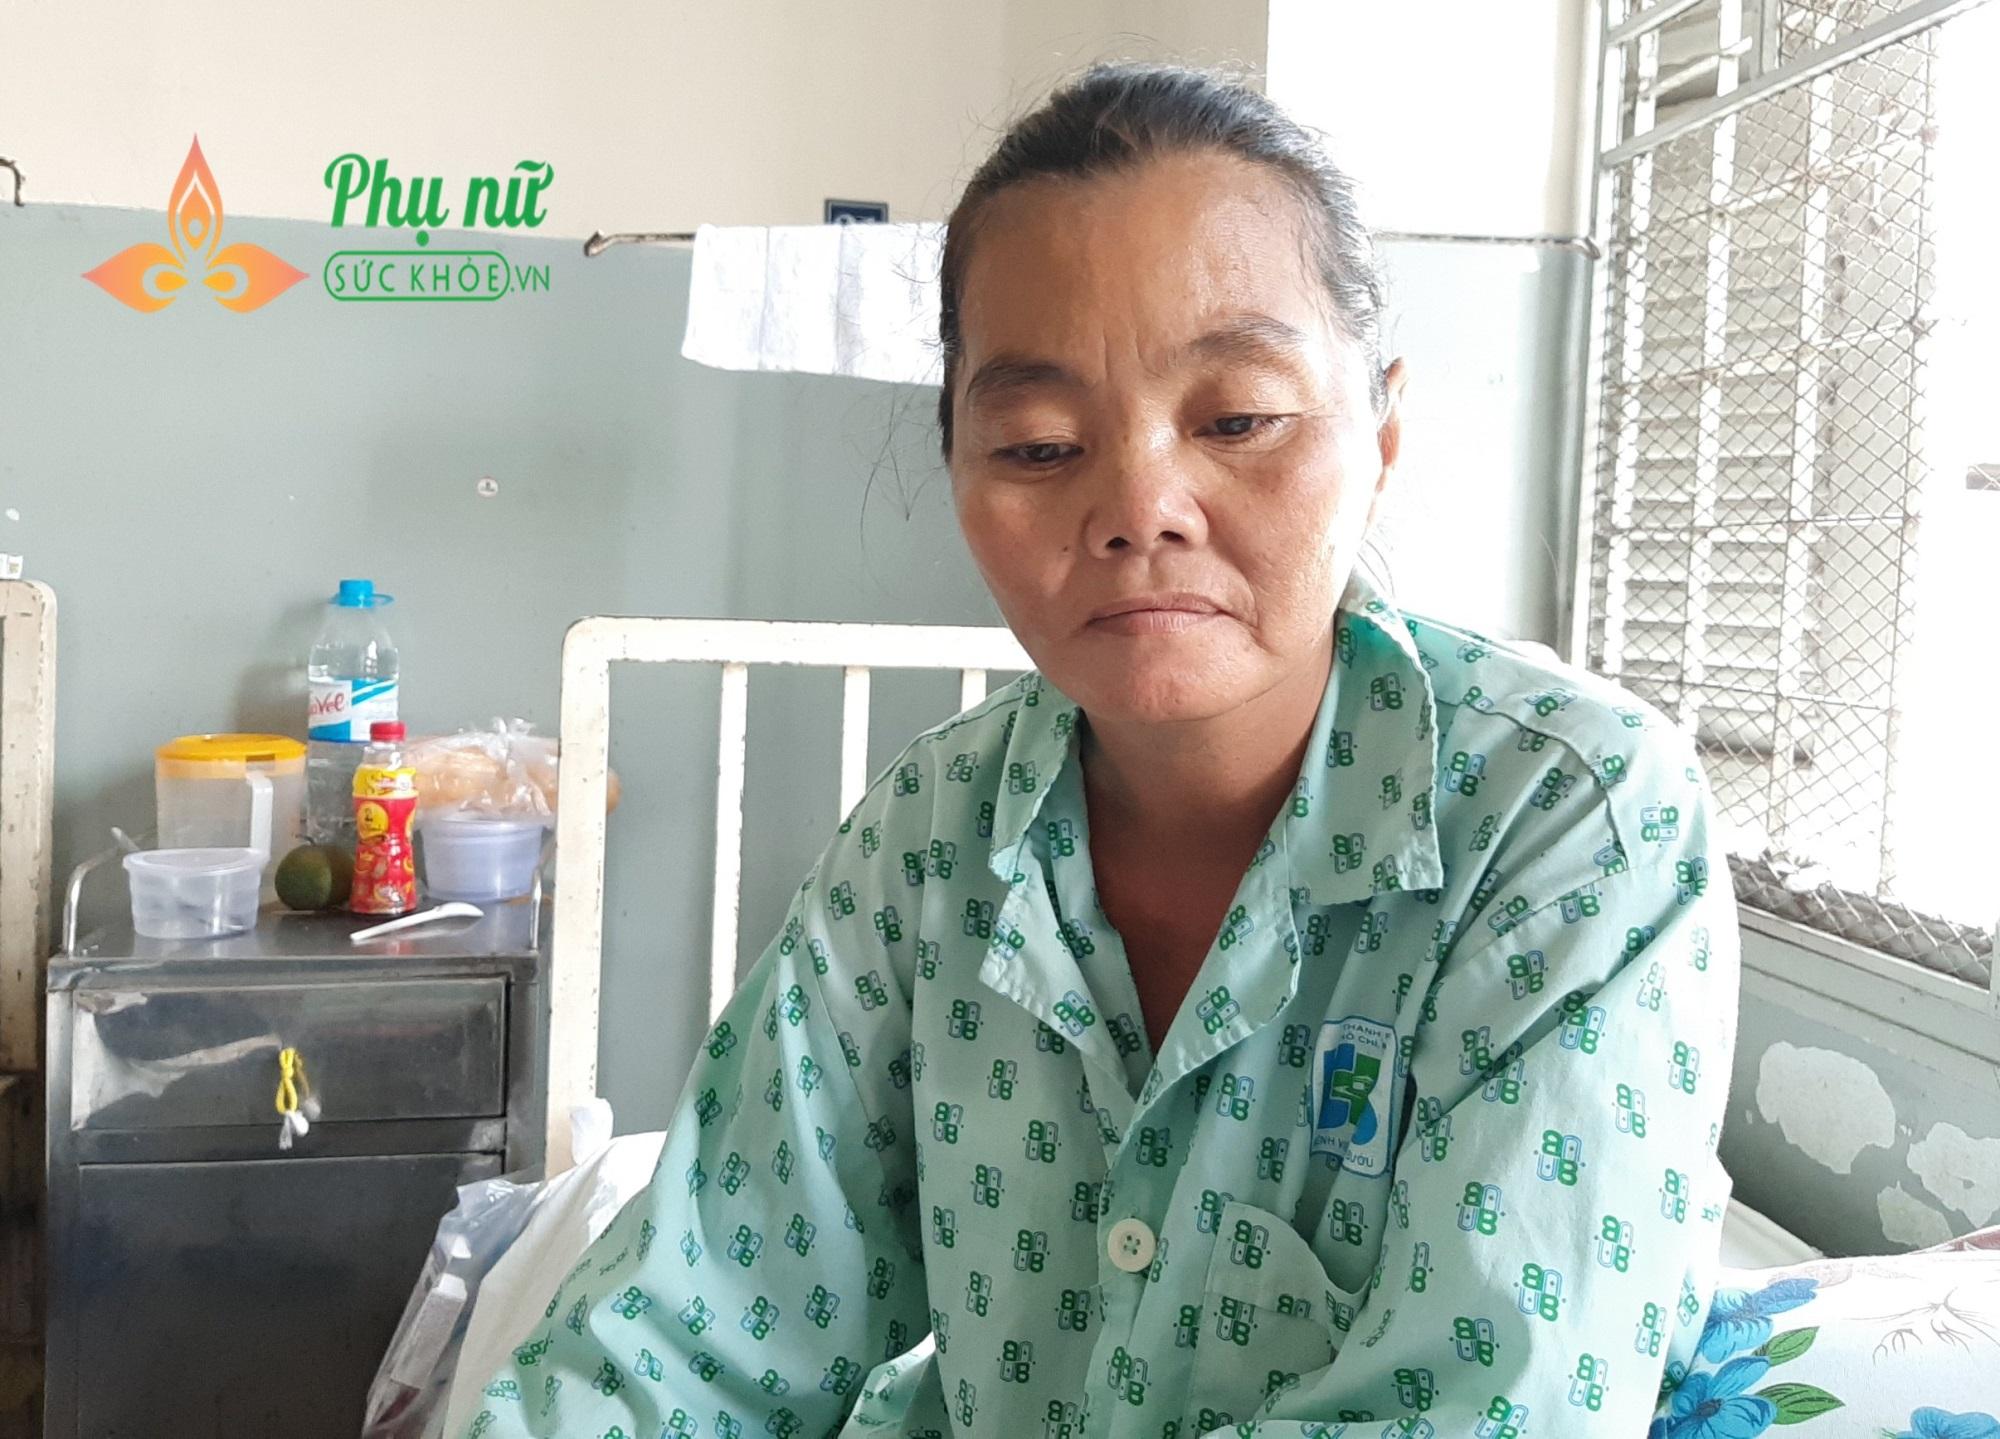 Người mẹ nghèo bị ung thư vú, mong được sống để nuôi hai con mắc bệnh tâm thần - Ảnh 1